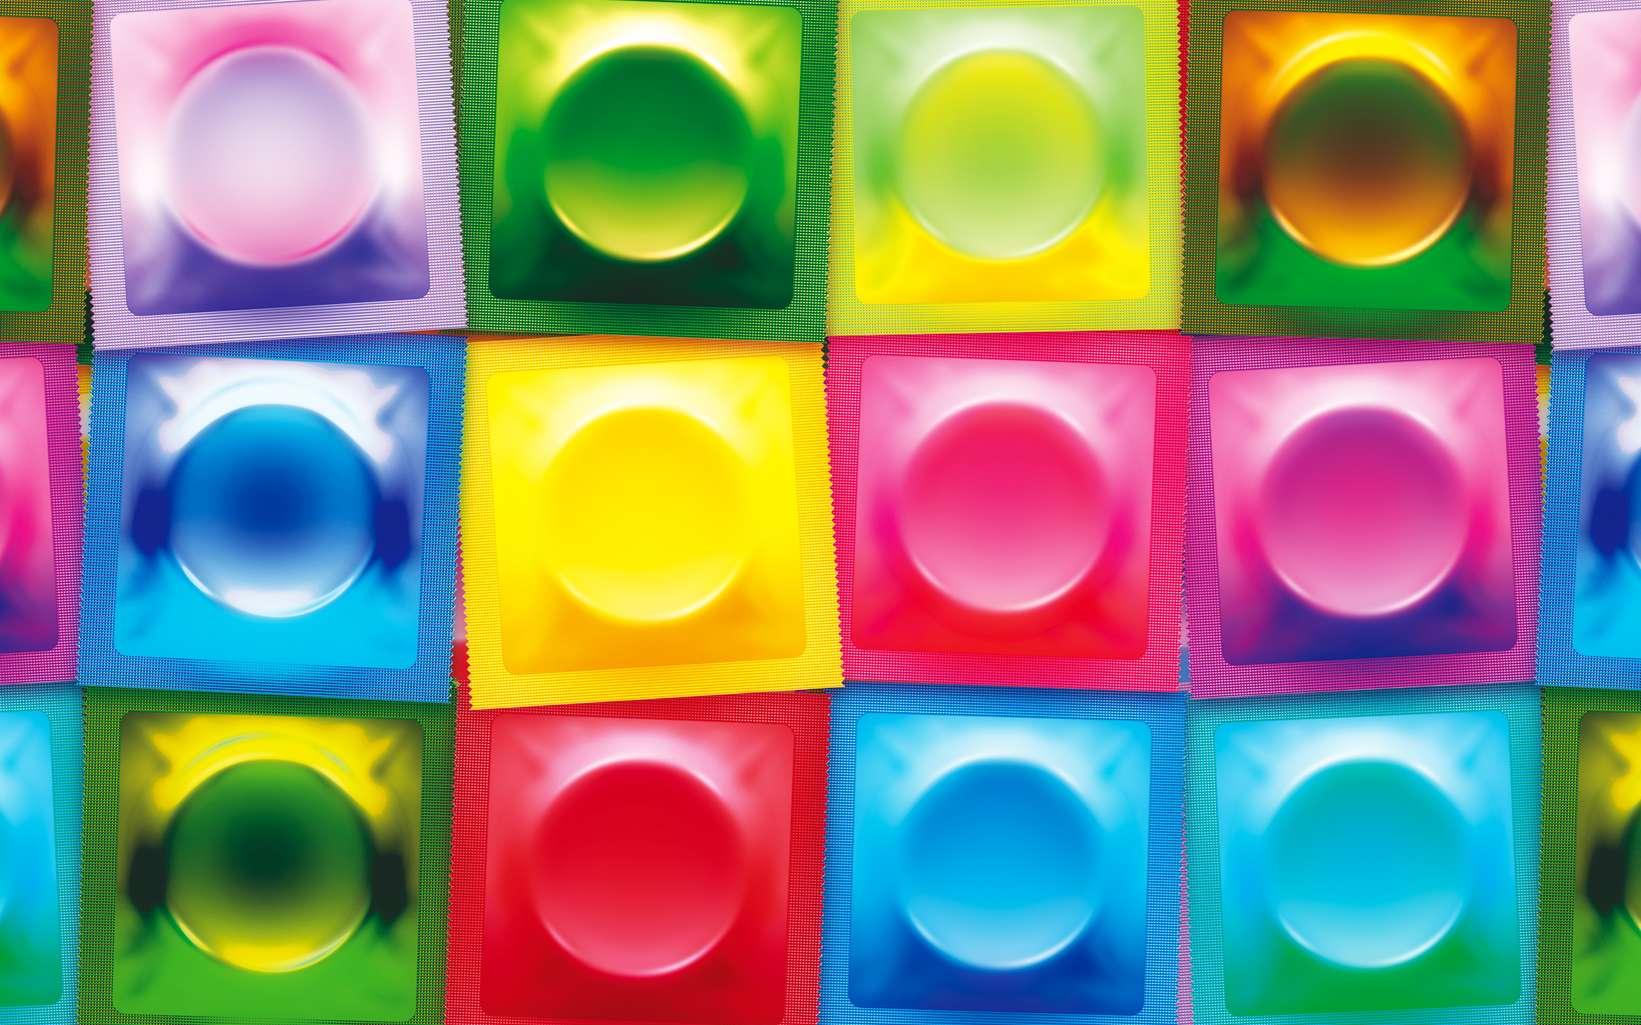 L'offre en préservatifs, notamment en dimensions, serait en décalage par rapport aux besoins, pense-t-on aux États-Unis où seulement un tiers des hommes en utilisent. © Stuart, Fotolia